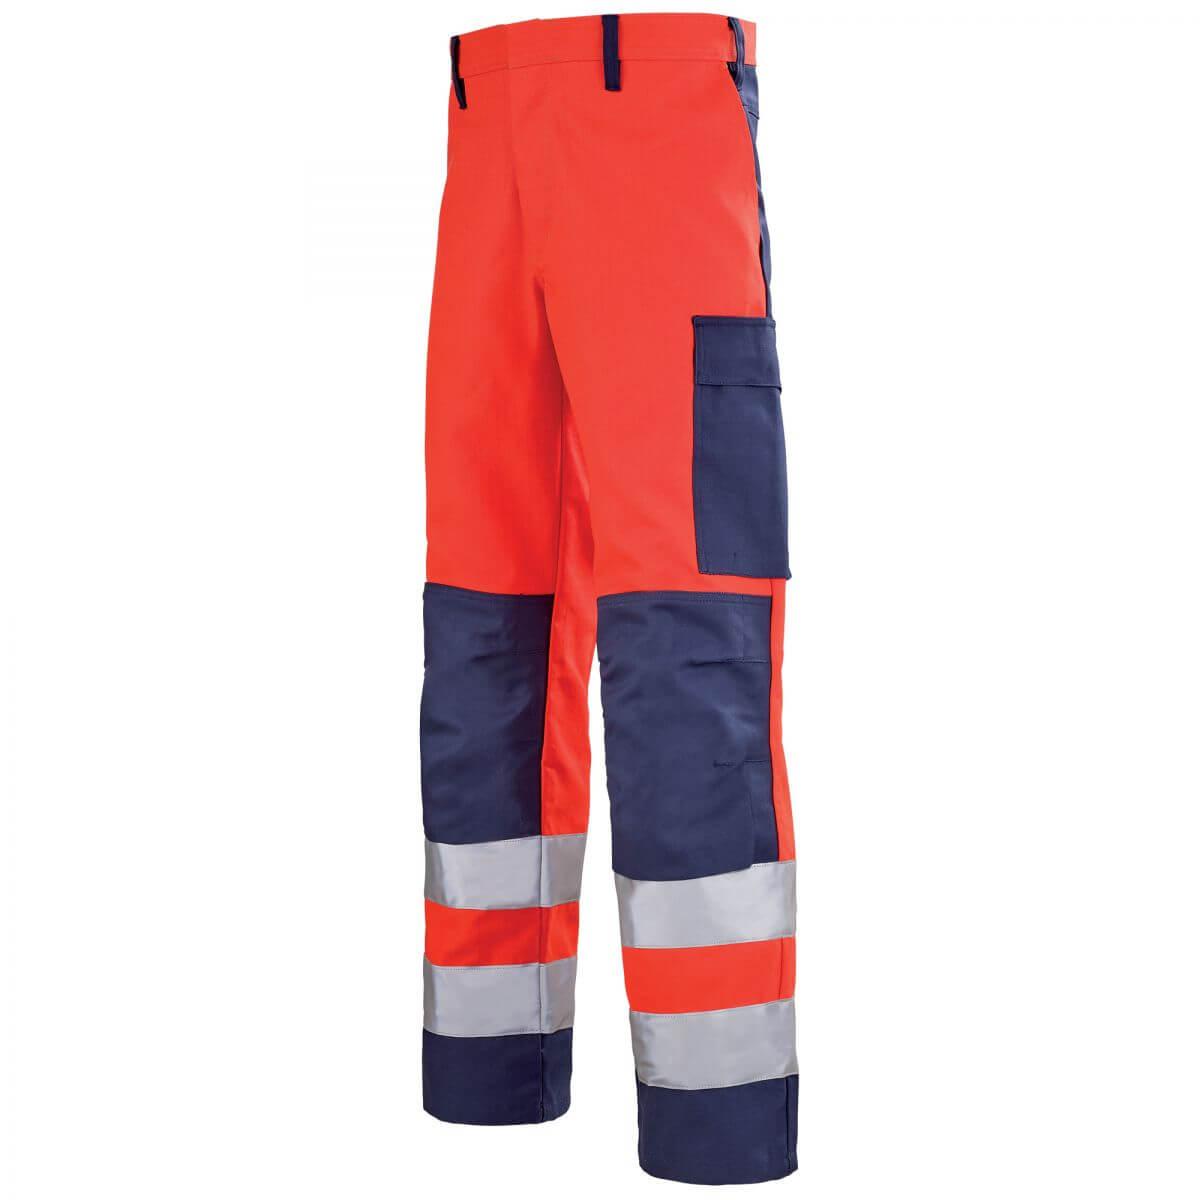 pantalon de travail homme rouge hivi et bleu marine mars. Black Bedroom Furniture Sets. Home Design Ideas